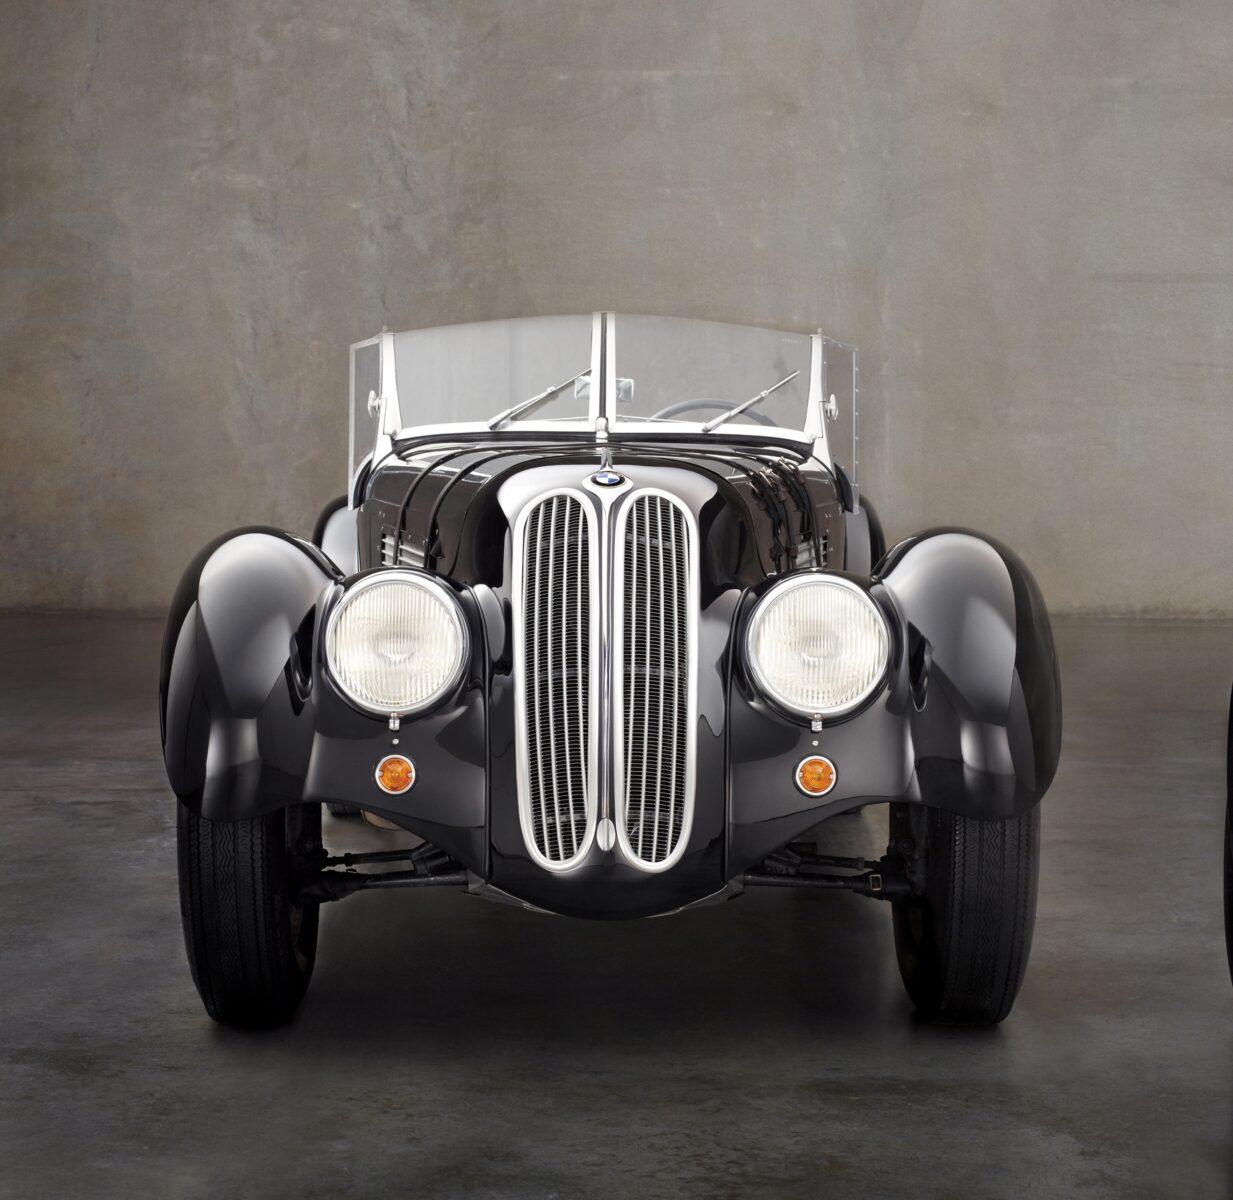 bmw r18 customizada 22 modelo roadster 328 que inspirou a spirit of passion